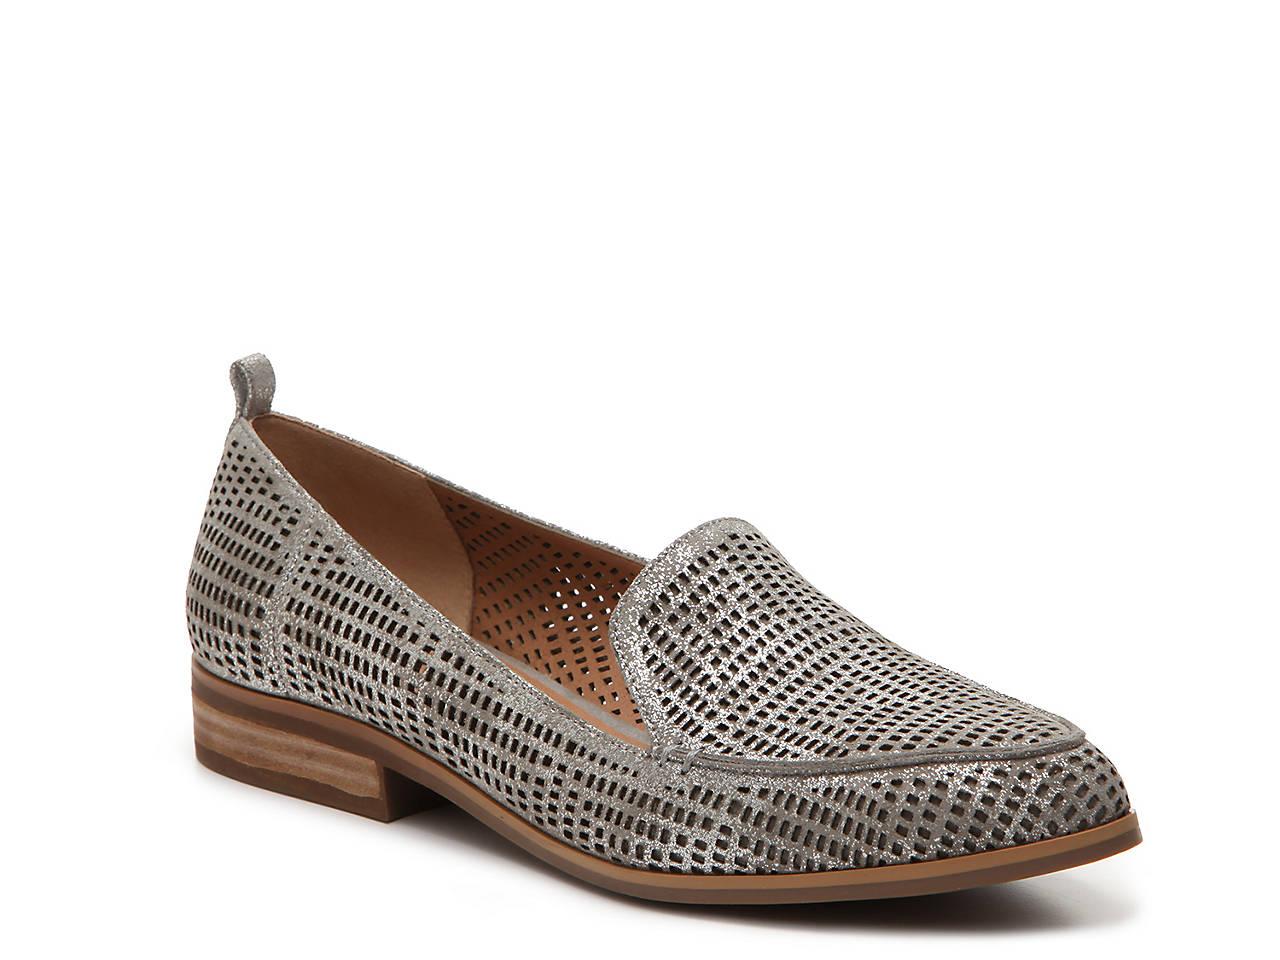 d034a45d610 Crown Vintage Veneta Loafer Women s Shoes